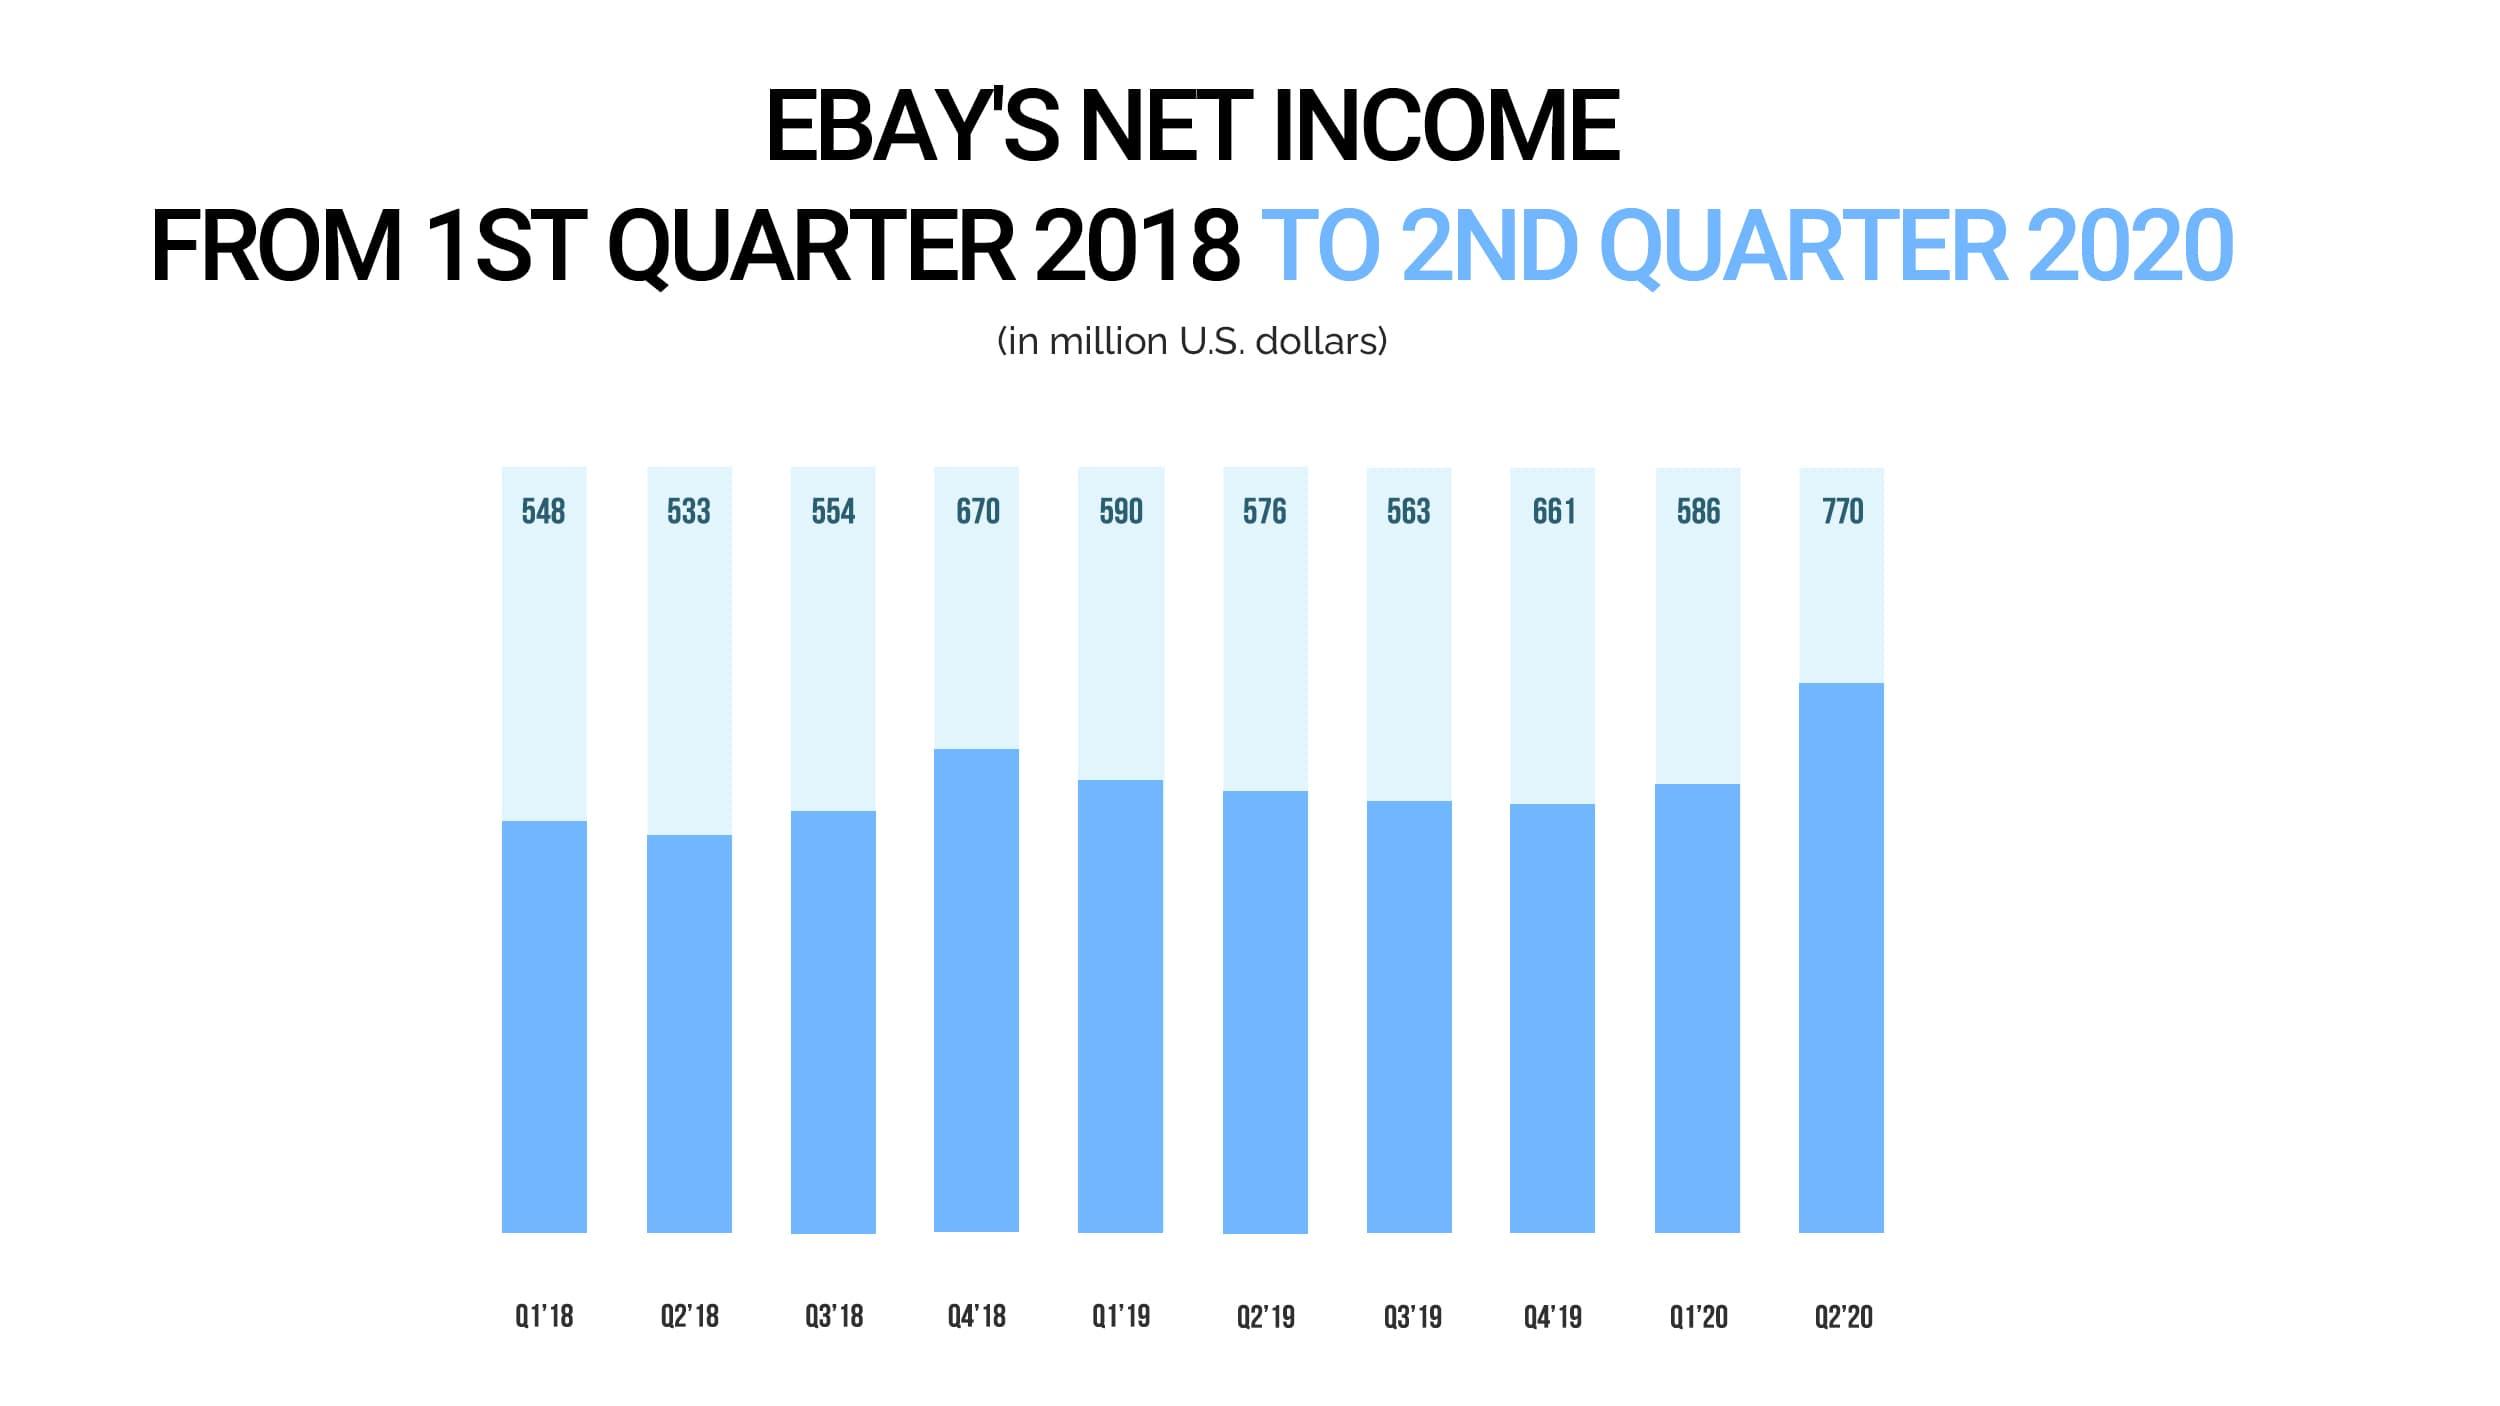 eBay's net income